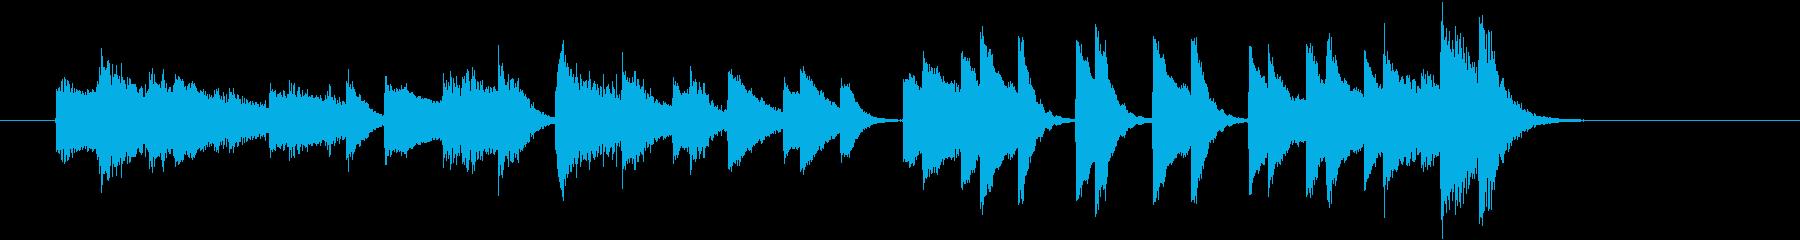 しゃれてクールなウエスタンピアノジングルの再生済みの波形